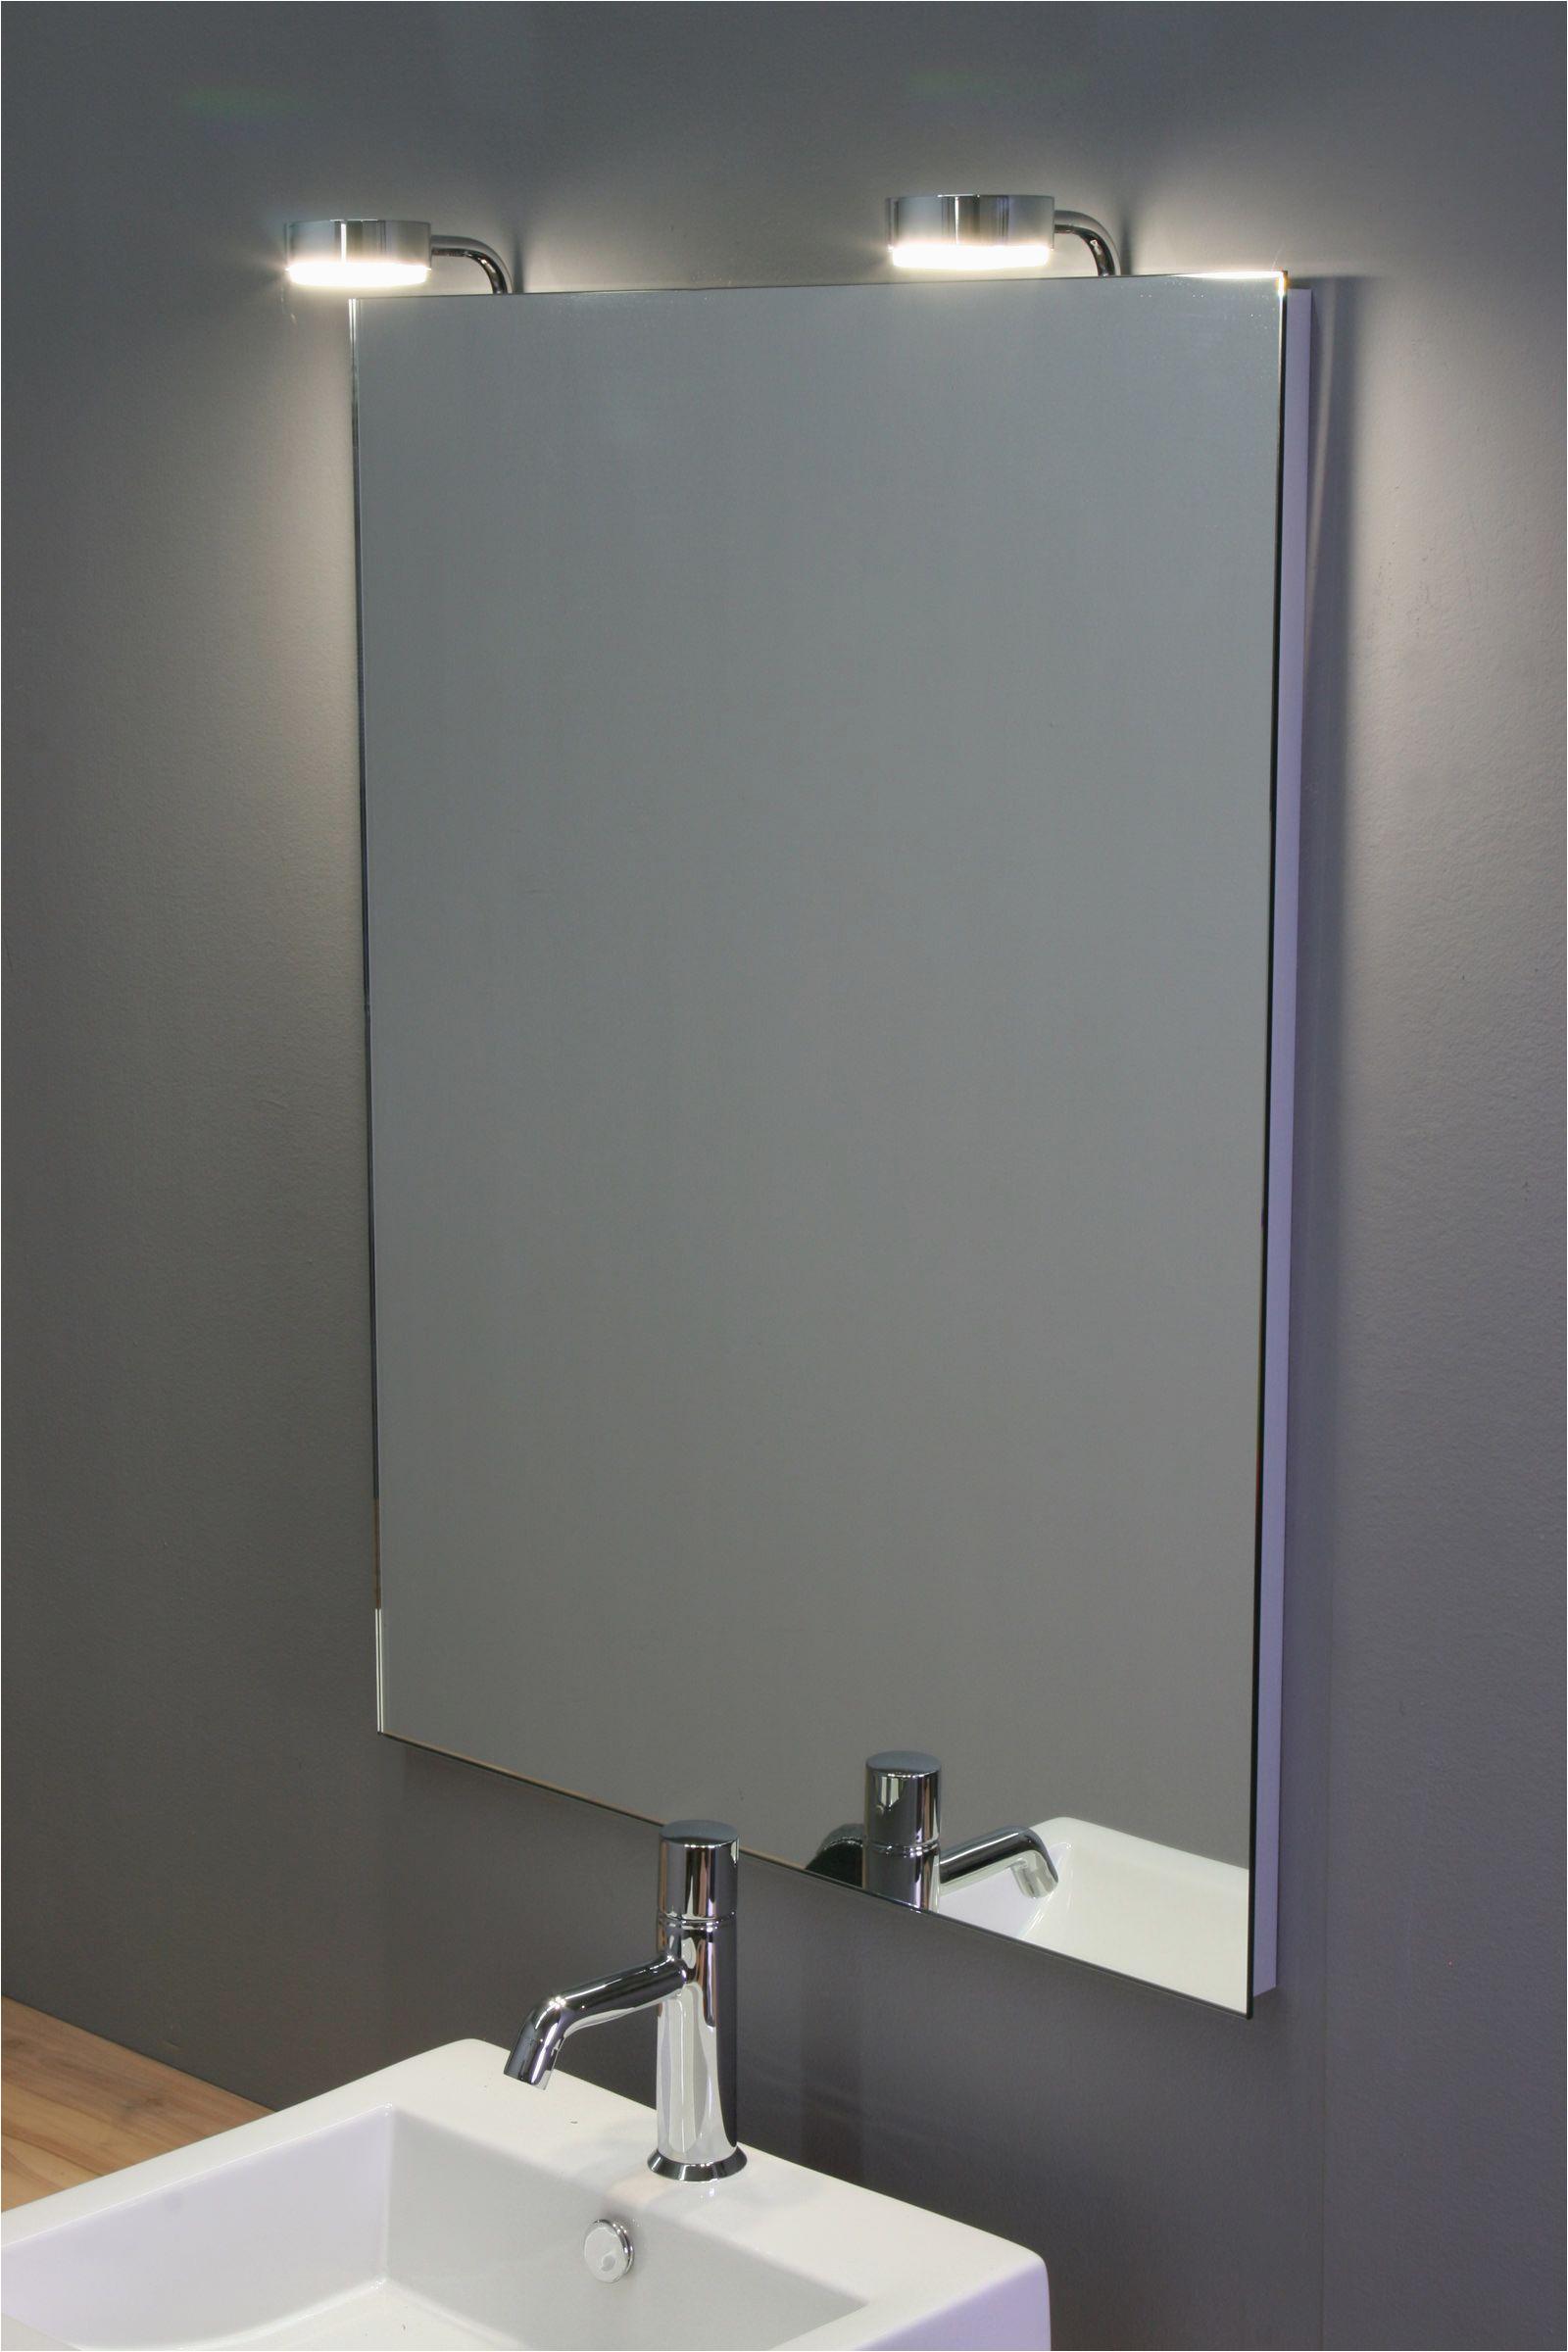 Ikea Badezimmer Spiegel Lampe Led Spiegelleuchte Dribb